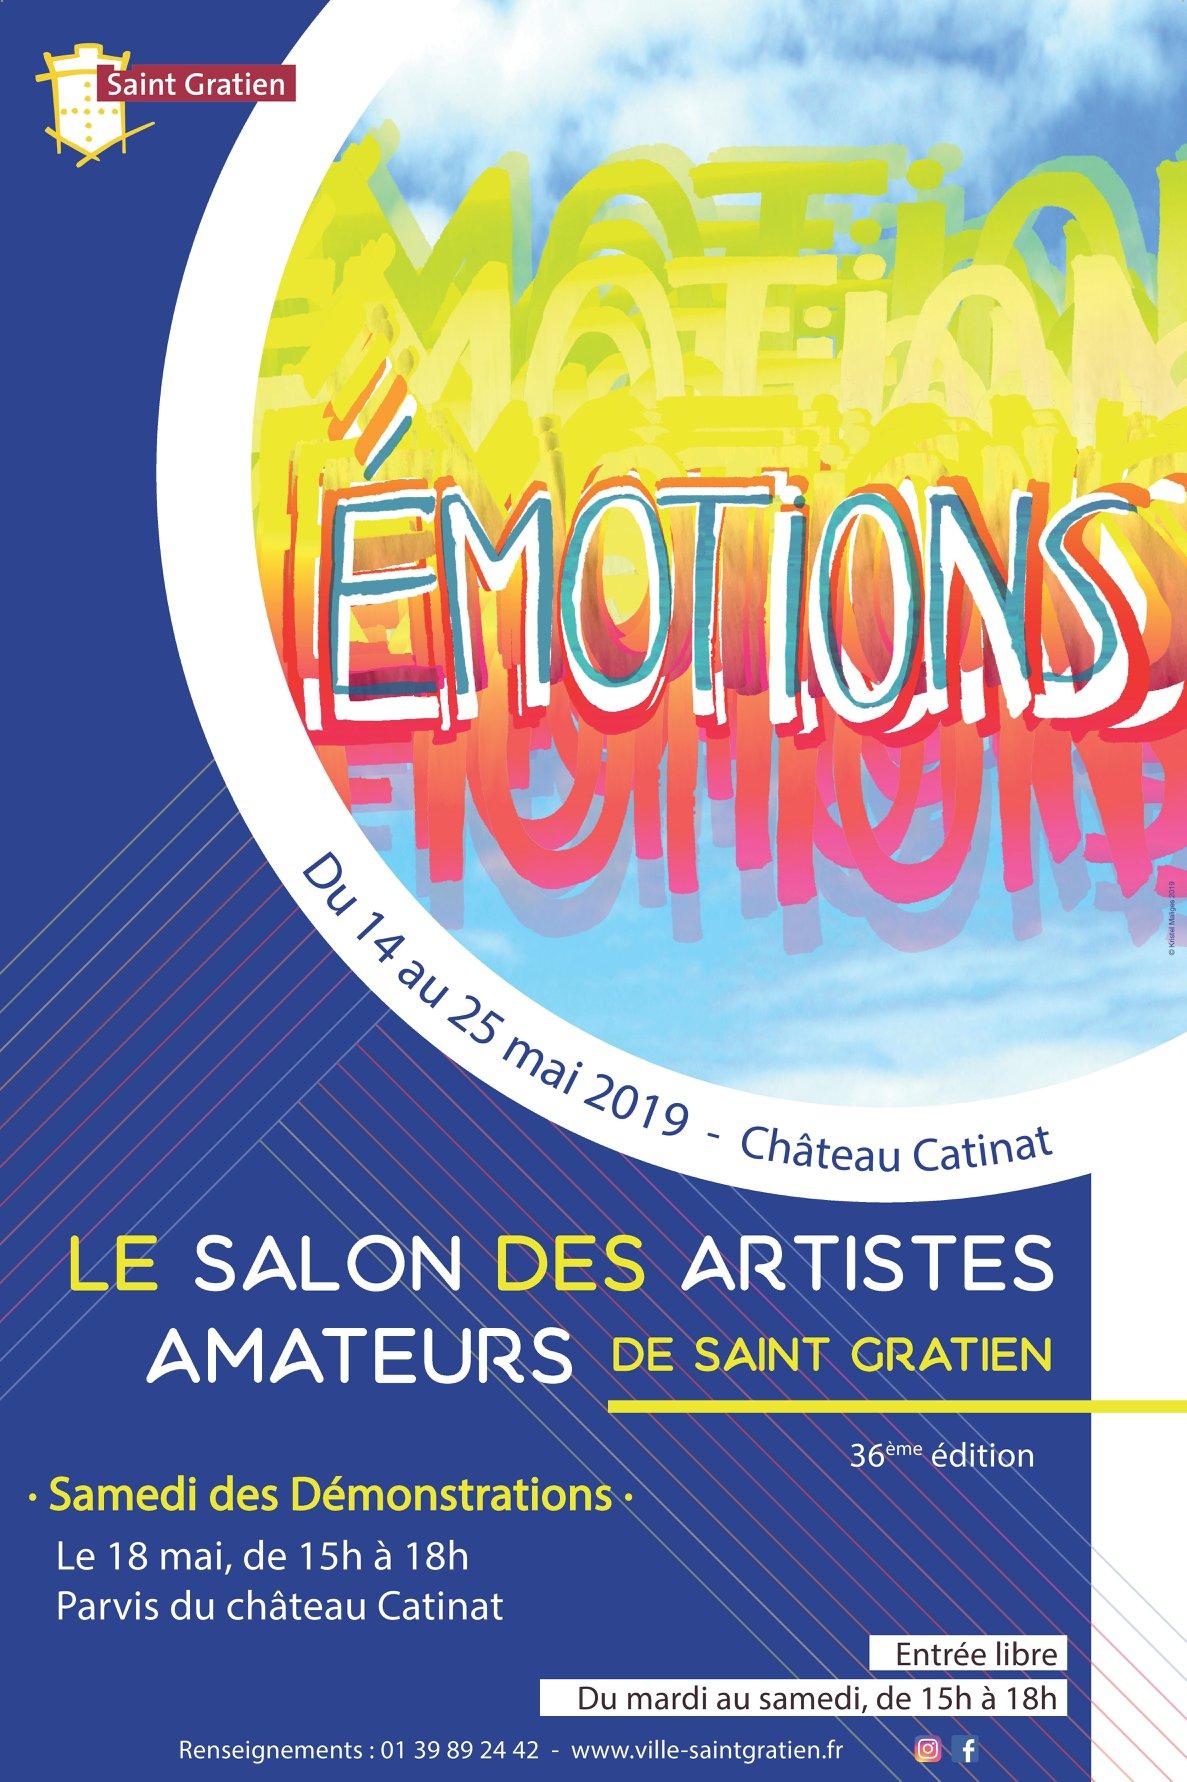 Salon des artistes amateurs 2019 Saint-Gratien